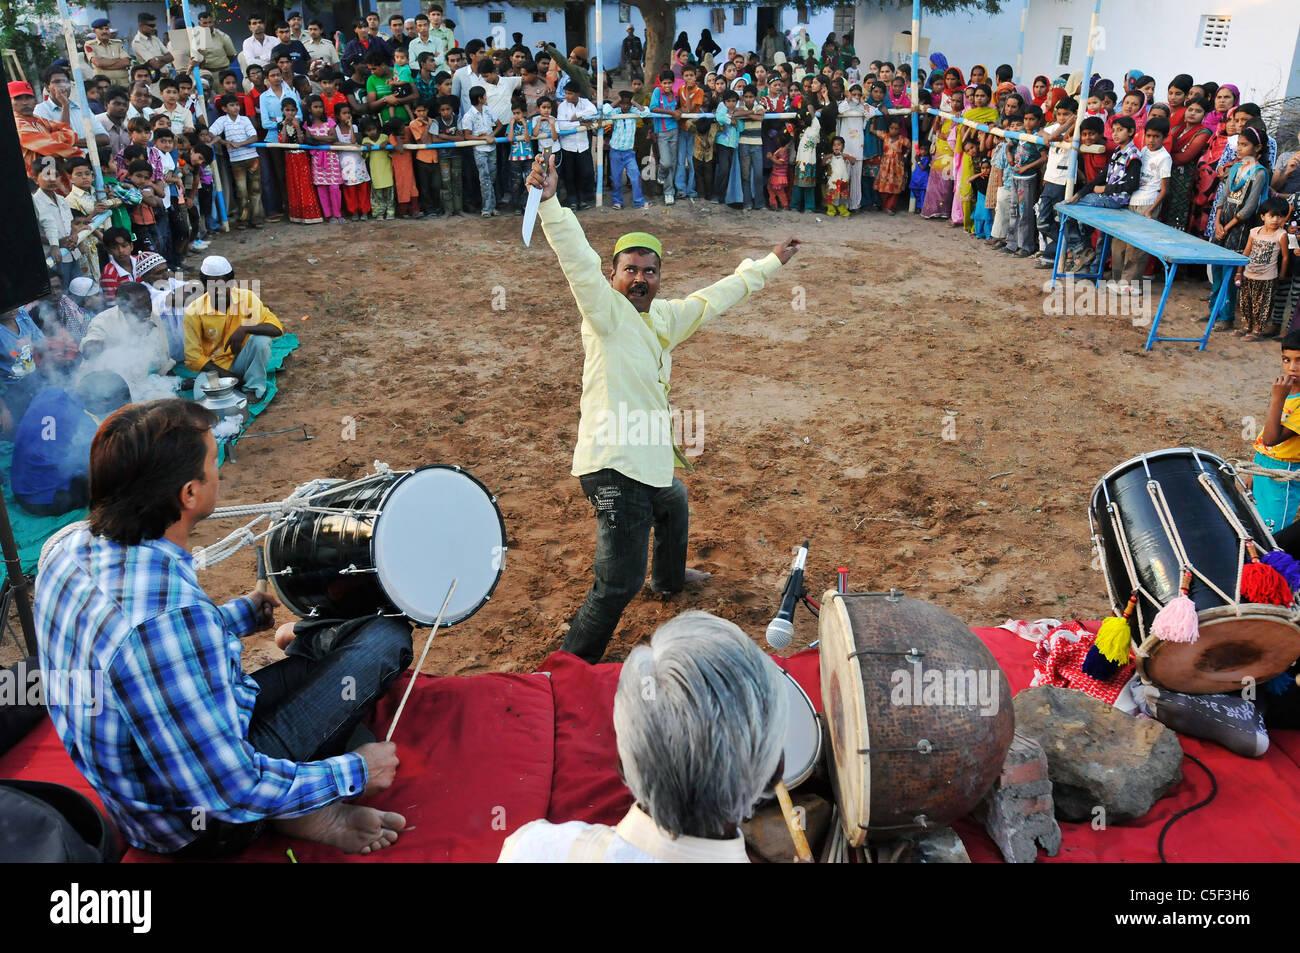 Sufi ritual in Bhuj, India - Stock Image